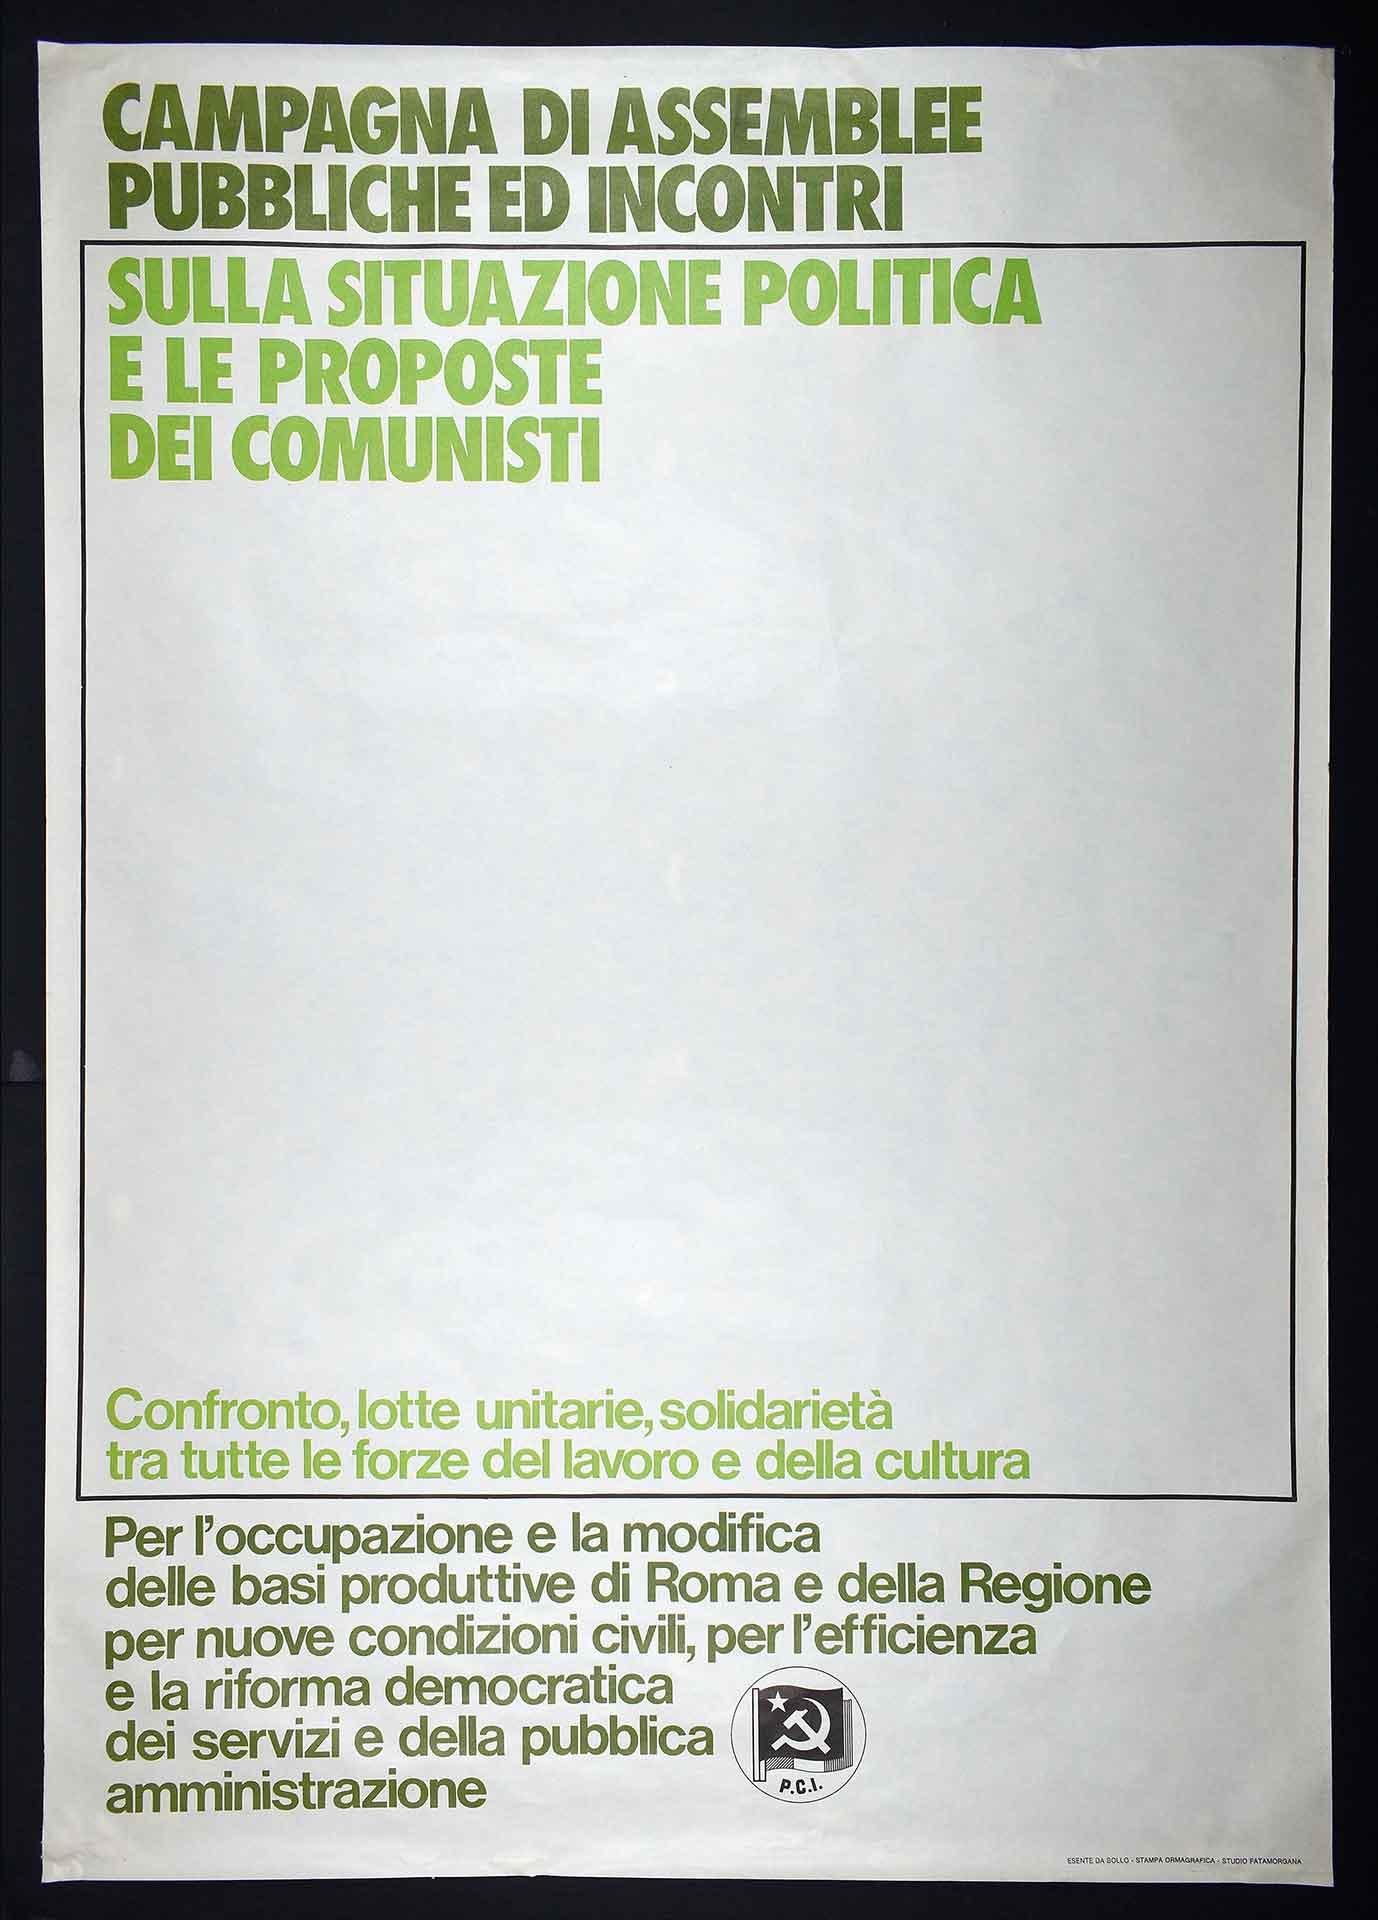 Partito comunista italiano (PCI). Stampa Ormagrafica, Roma. Studio grafico Fatamorgana. Comunicazione di partito.